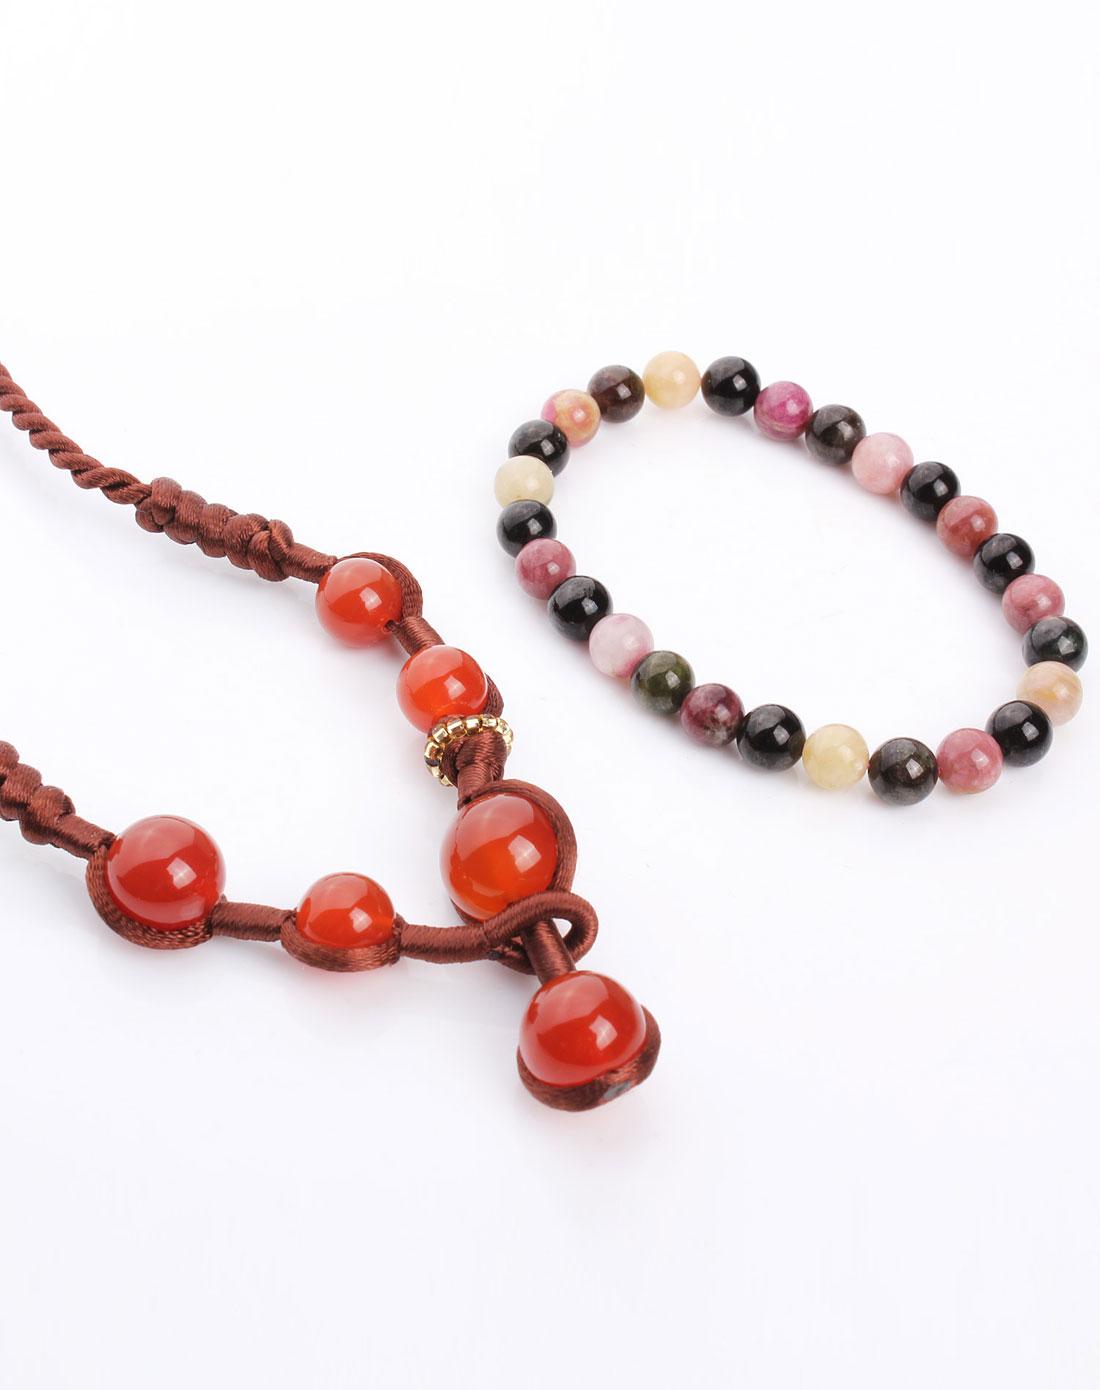 天然水晶礼品套装(天然碧玺手链 天然红玛瑙手工编绳项链)